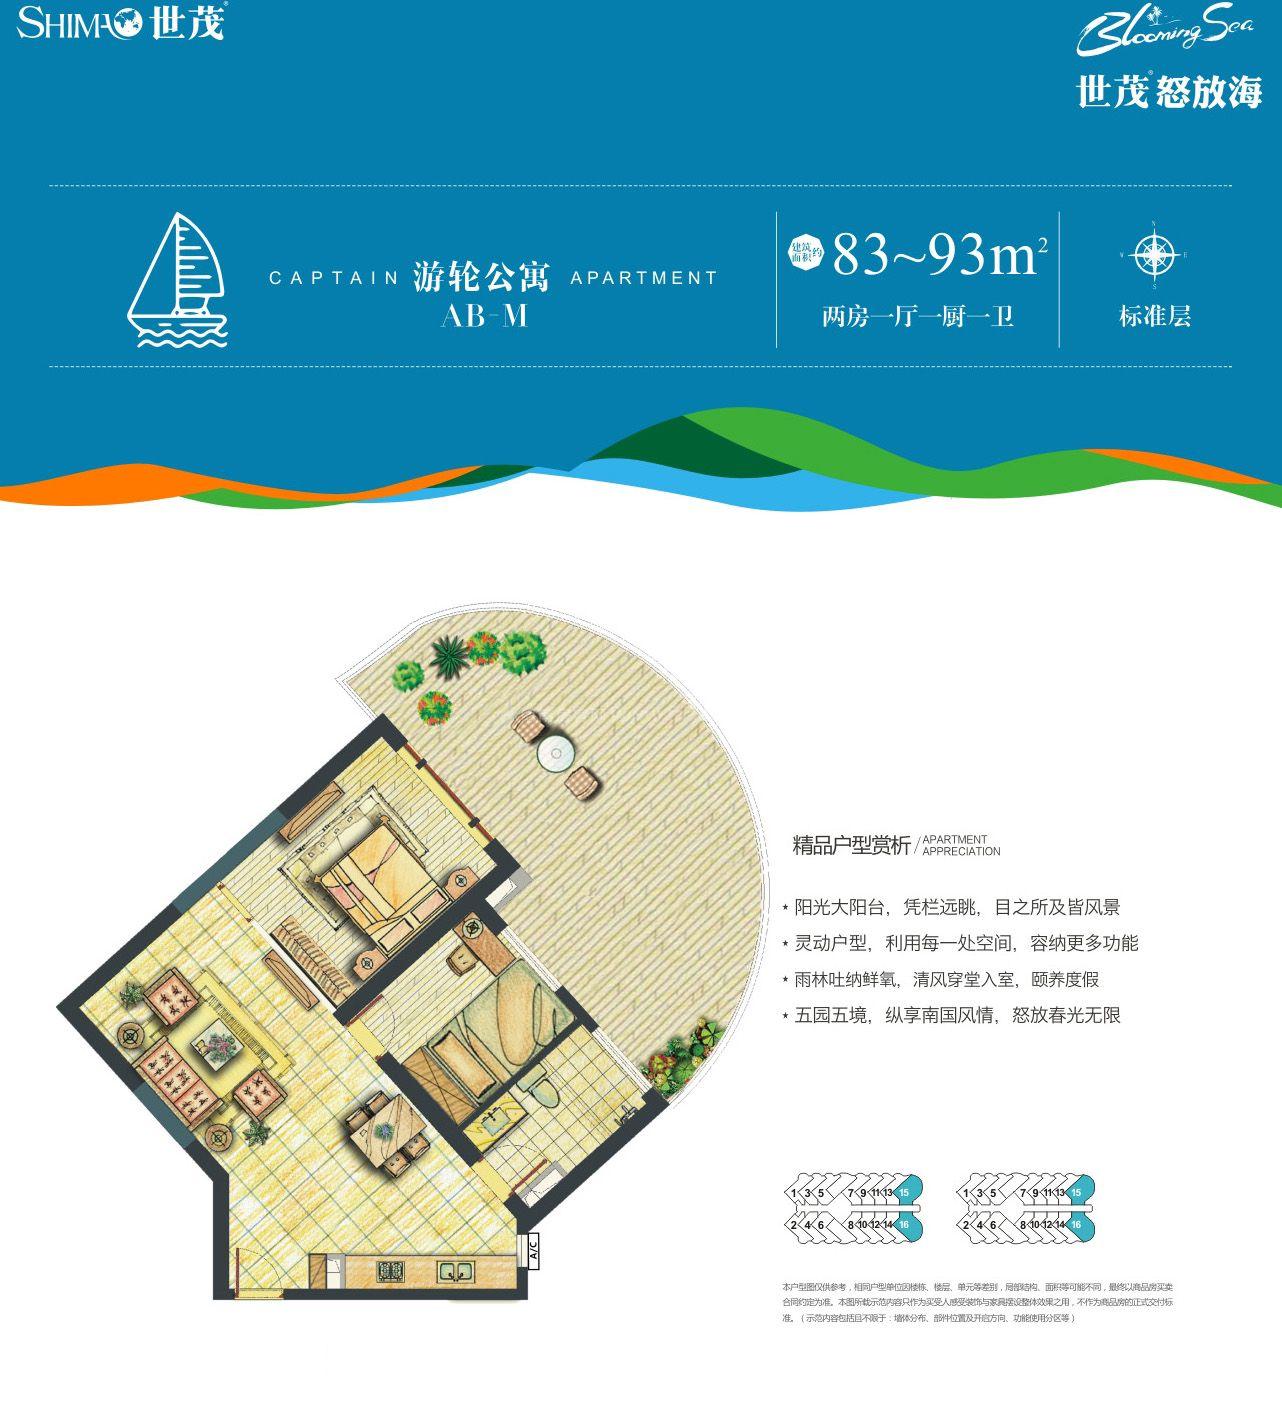 游轮公寓AB-M户型 2房1厅1厨1卫 建筑面积约83-93㎡